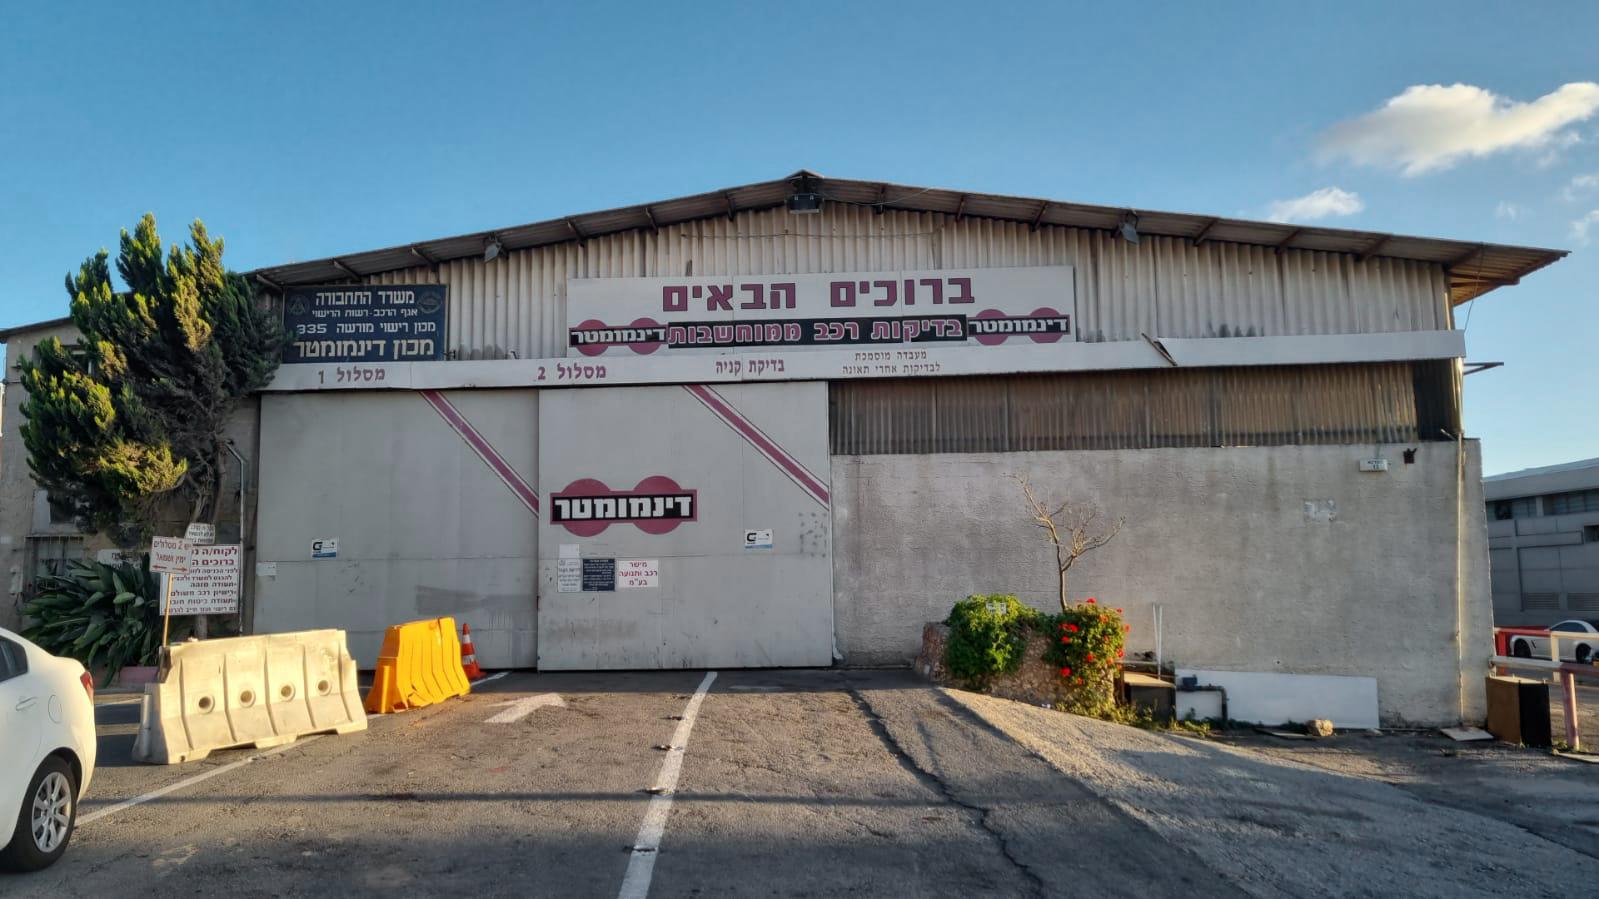 שטח עסקת הקומבינציה (צילום: אפריקה ישראל מגורים)